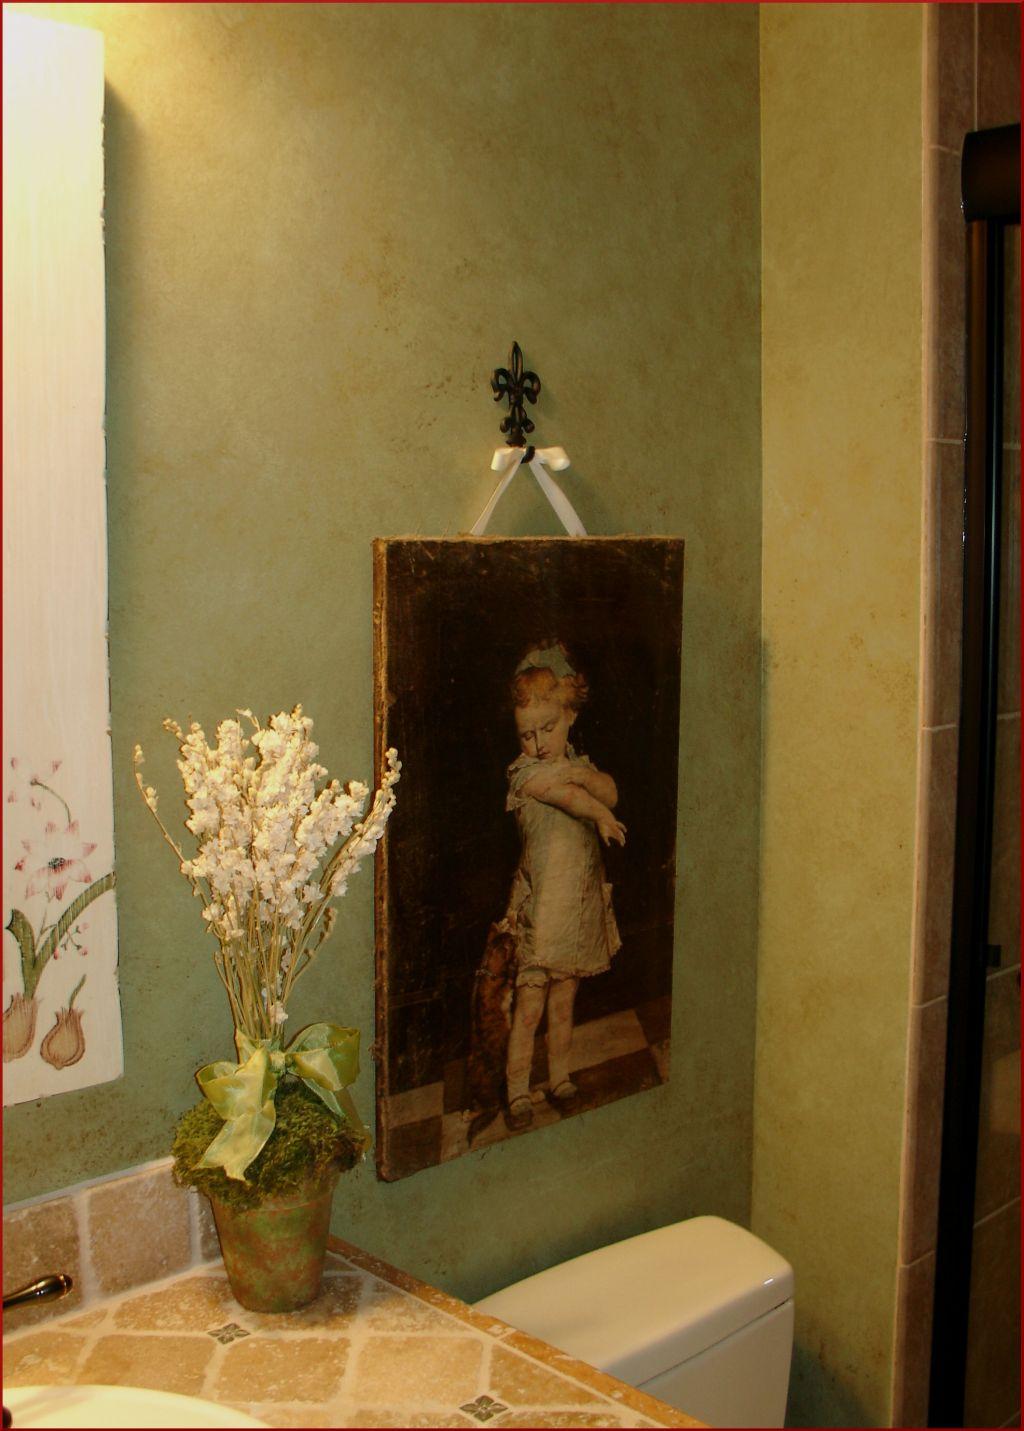 Декоративная отделка в дизайне интерьера туалетной комнаты